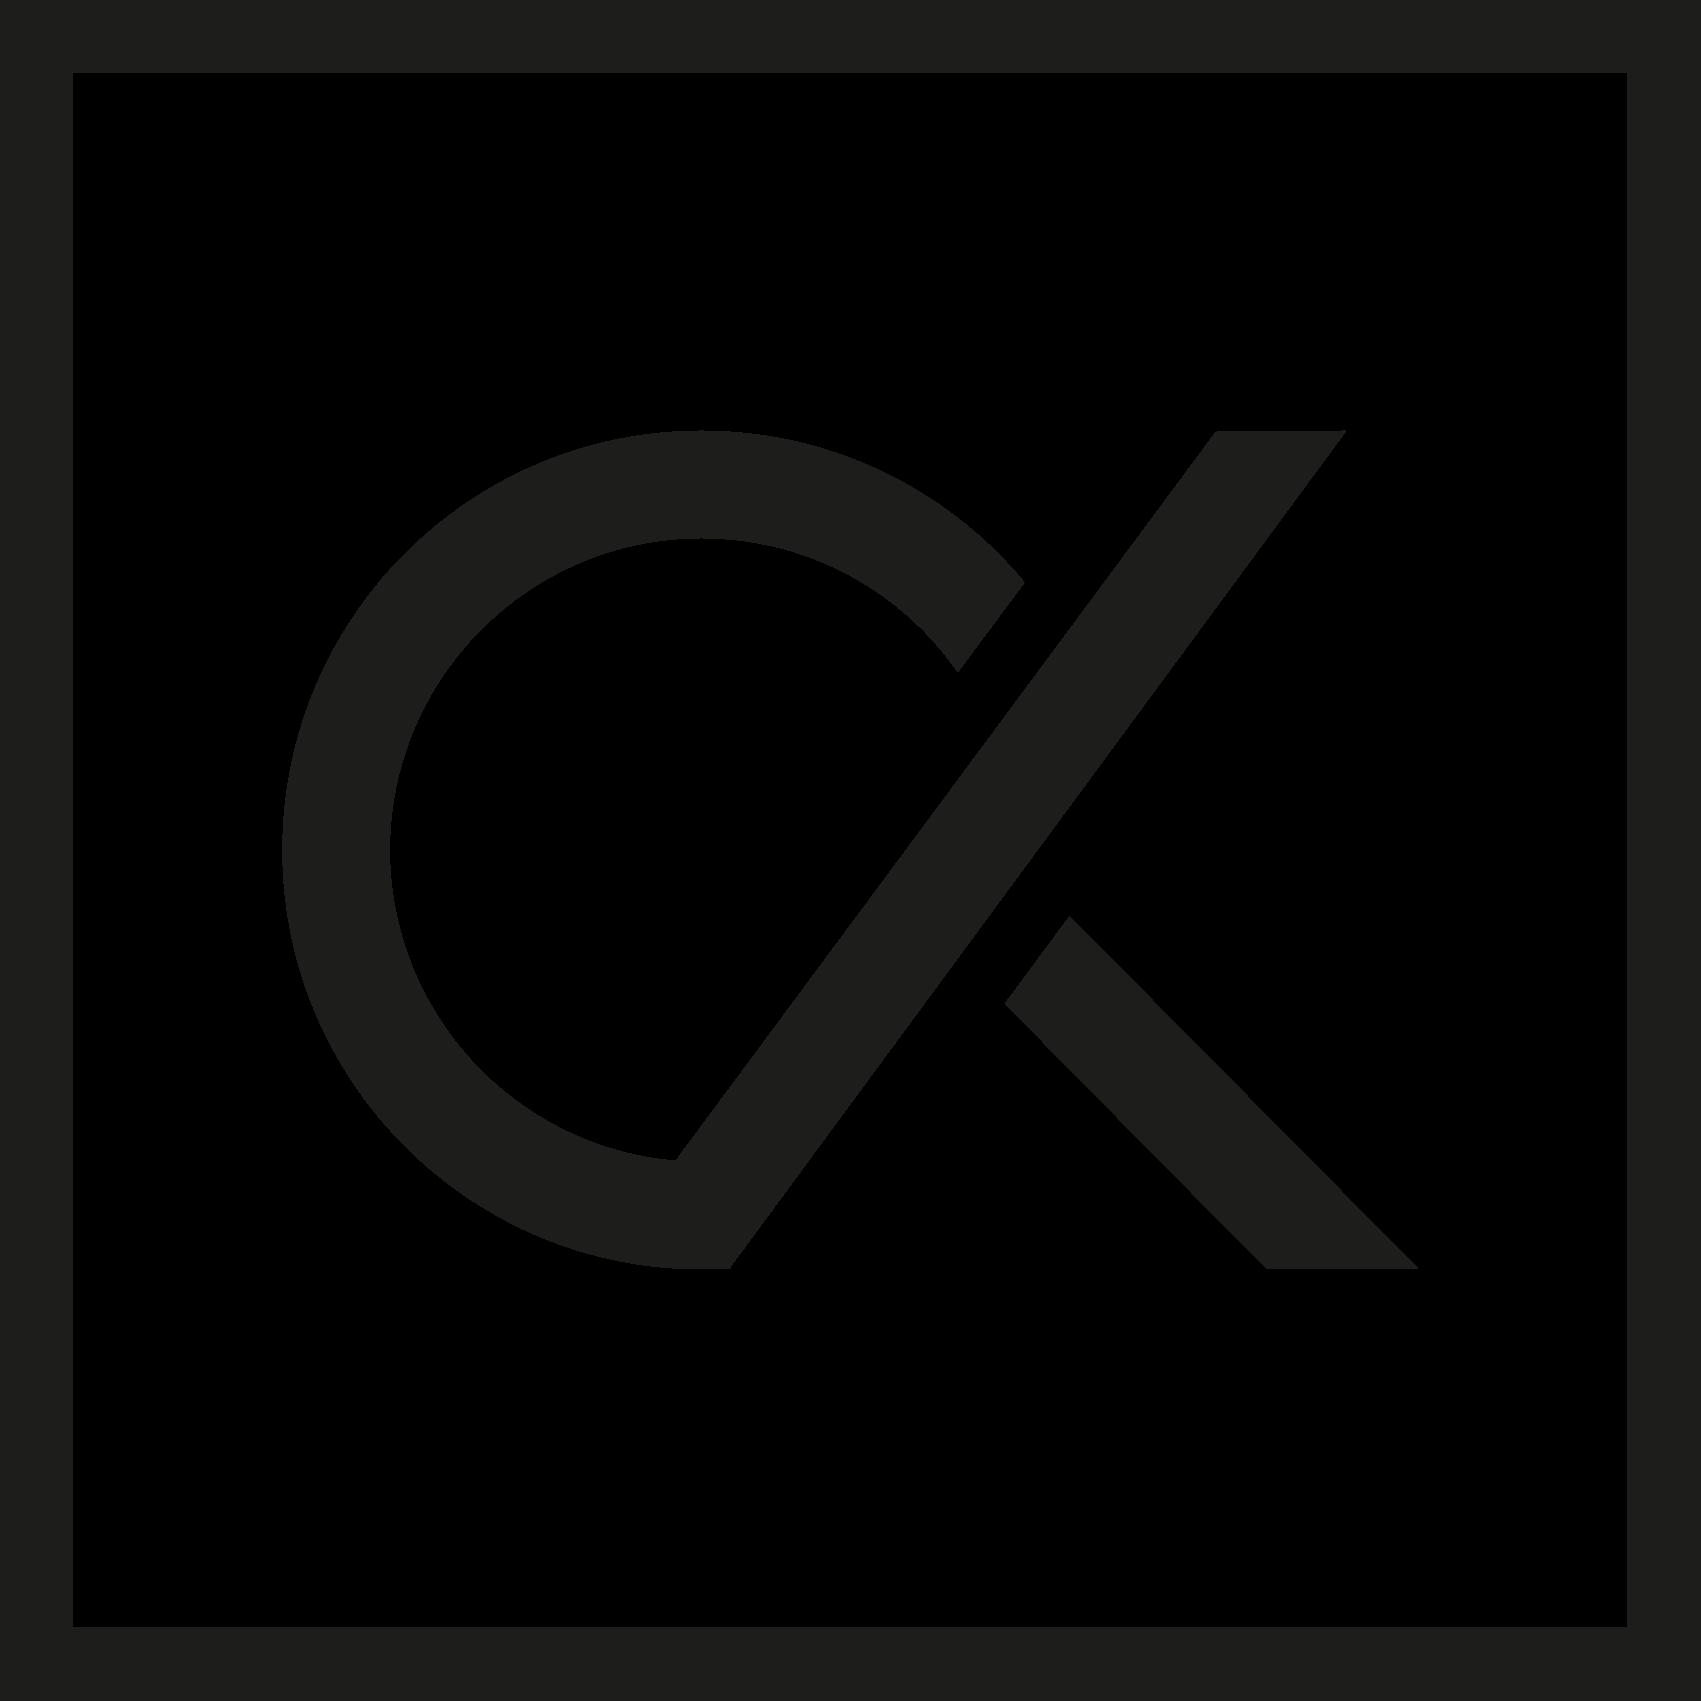 Cioka Creativa - 10 Urte / Años